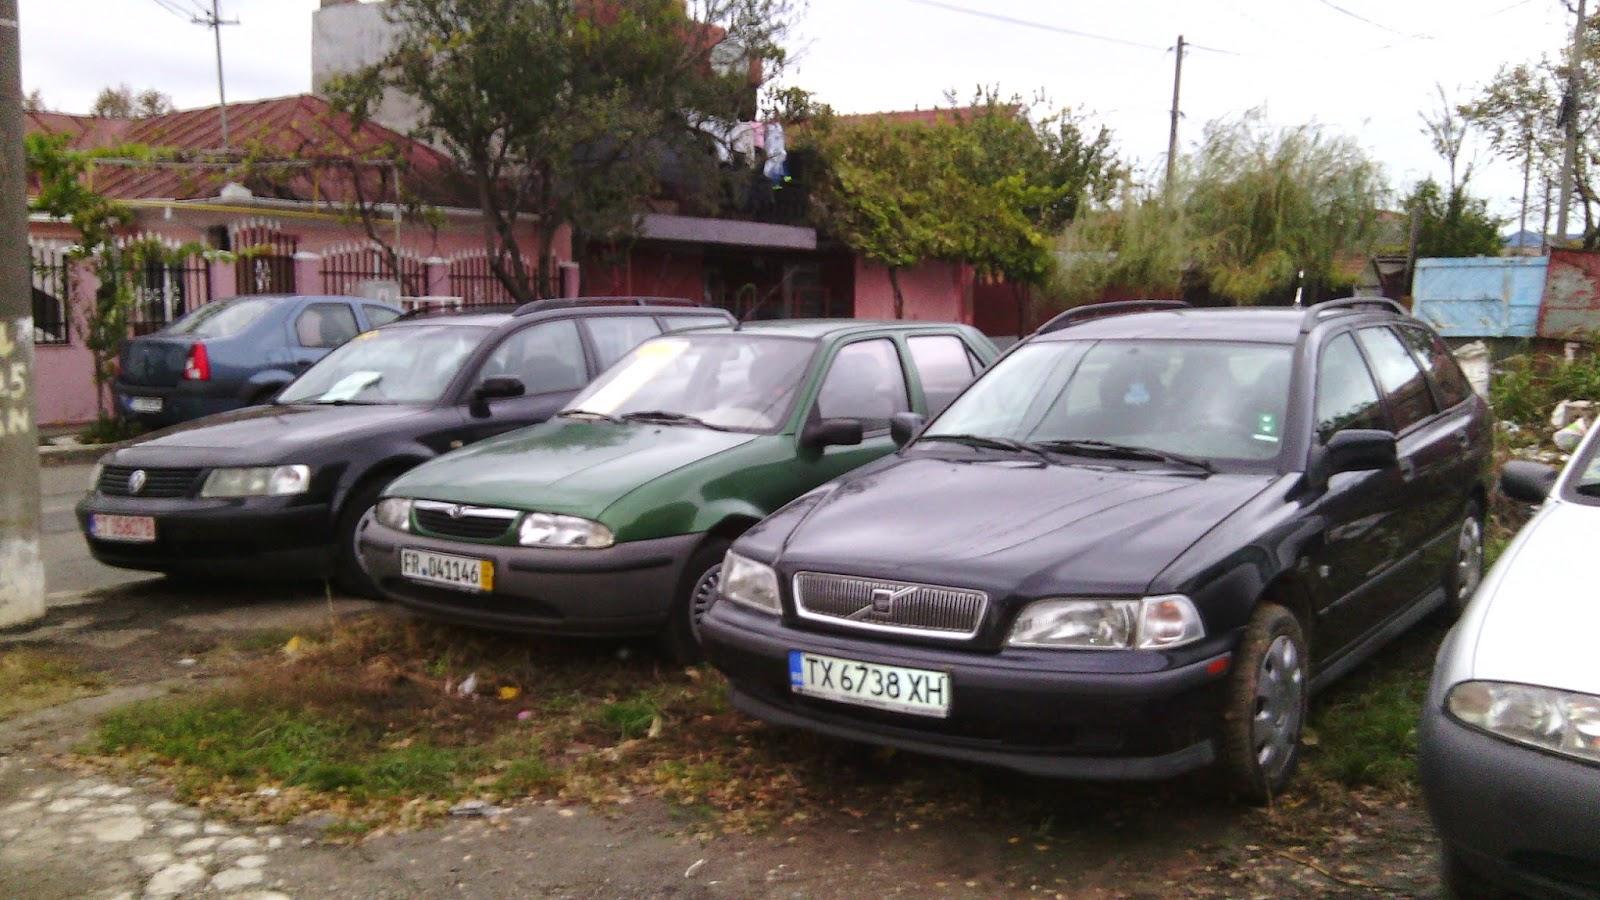 http://tractariautoconstanta.blogspot.ro/2014/10/de-vinzare-vw-passat-1999-motor-16.html